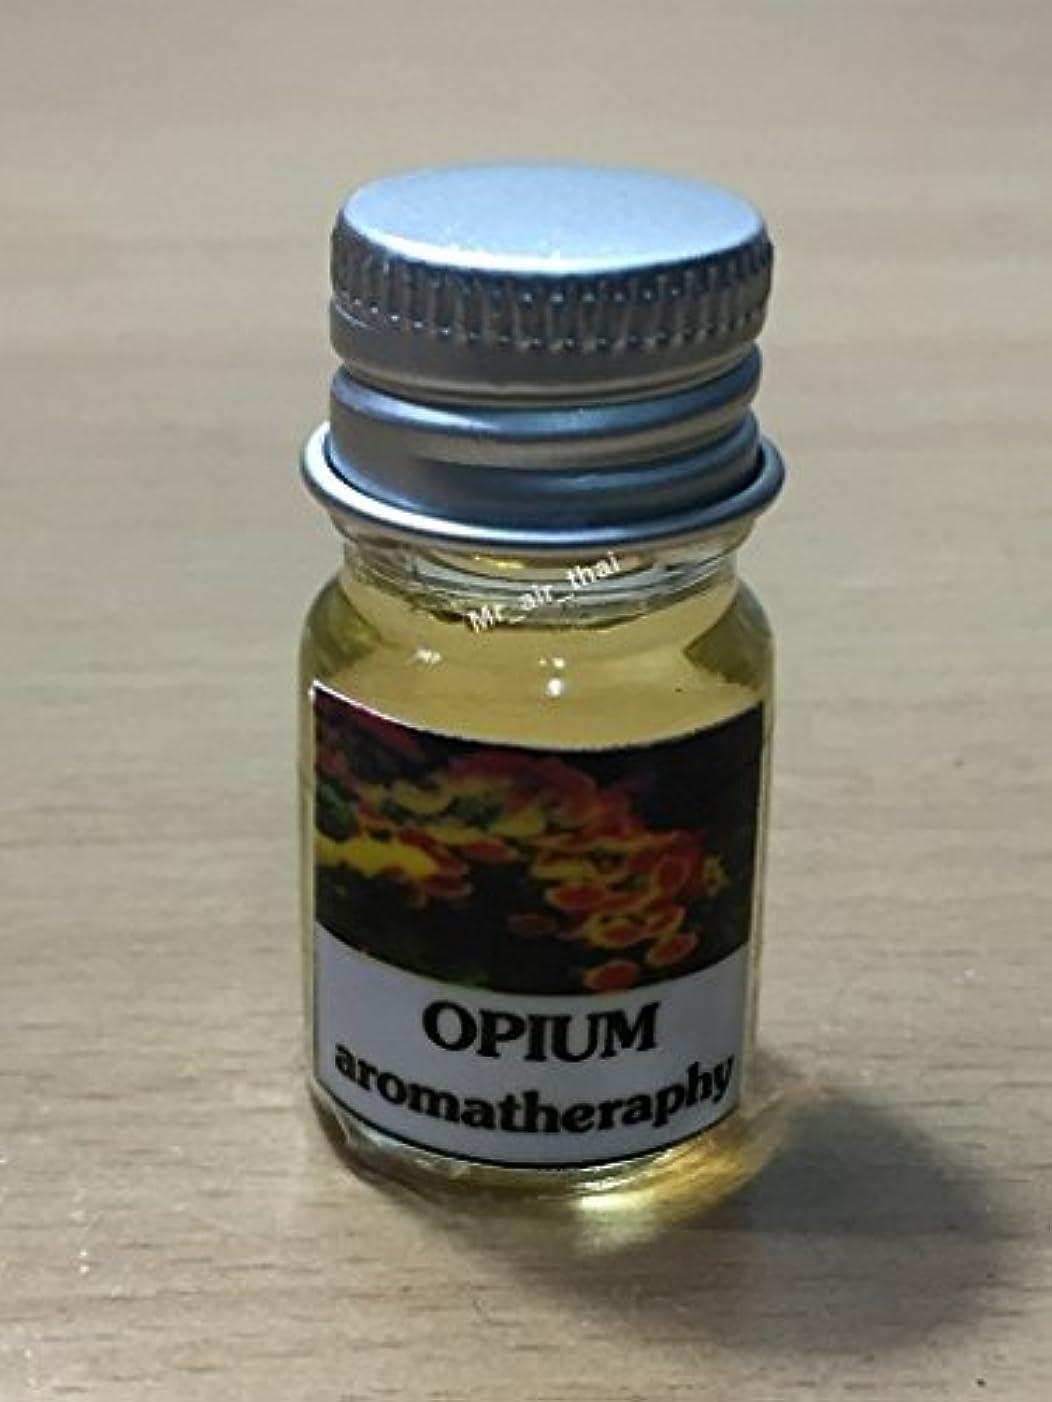 最少夢案件5ミリリットルアロマアヘンフランクインセンスエッセンシャルオイルボトルアロマテラピーオイル自然自然5ml Aroma Opium Frankincense Essential Oil Bottles Aromatherapy...